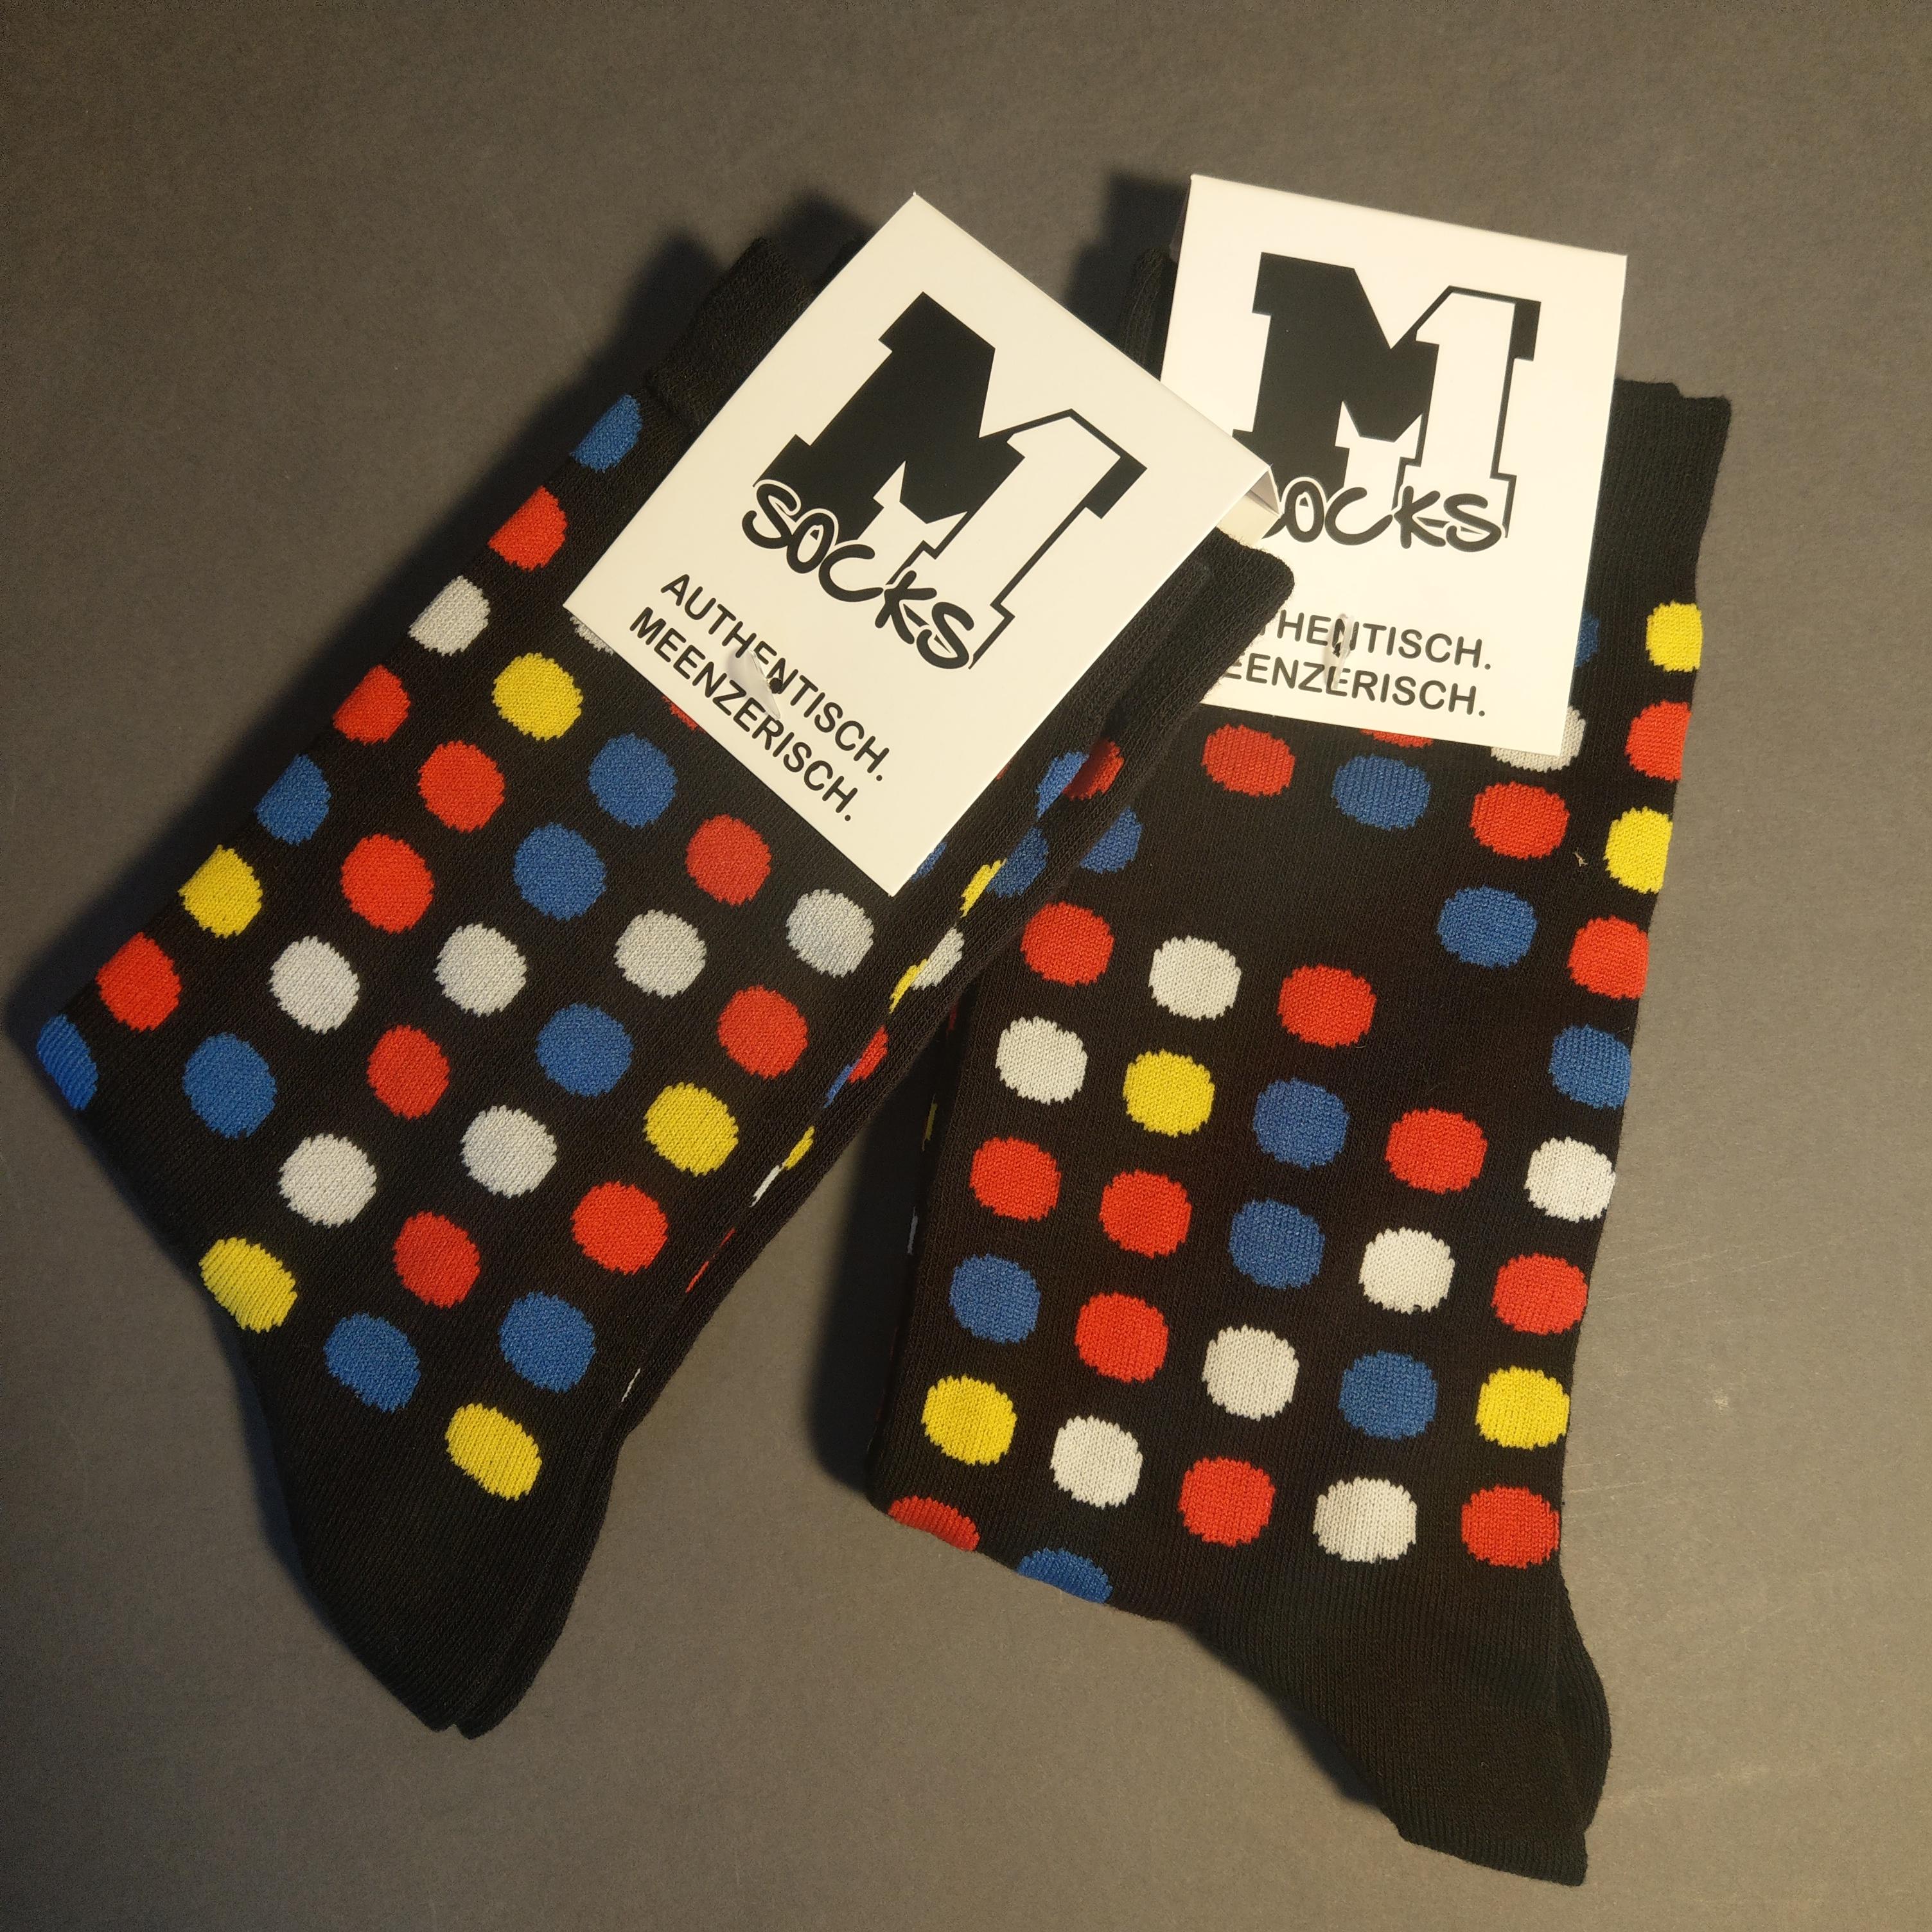 Fastnachtssocken von M1 Streetwear